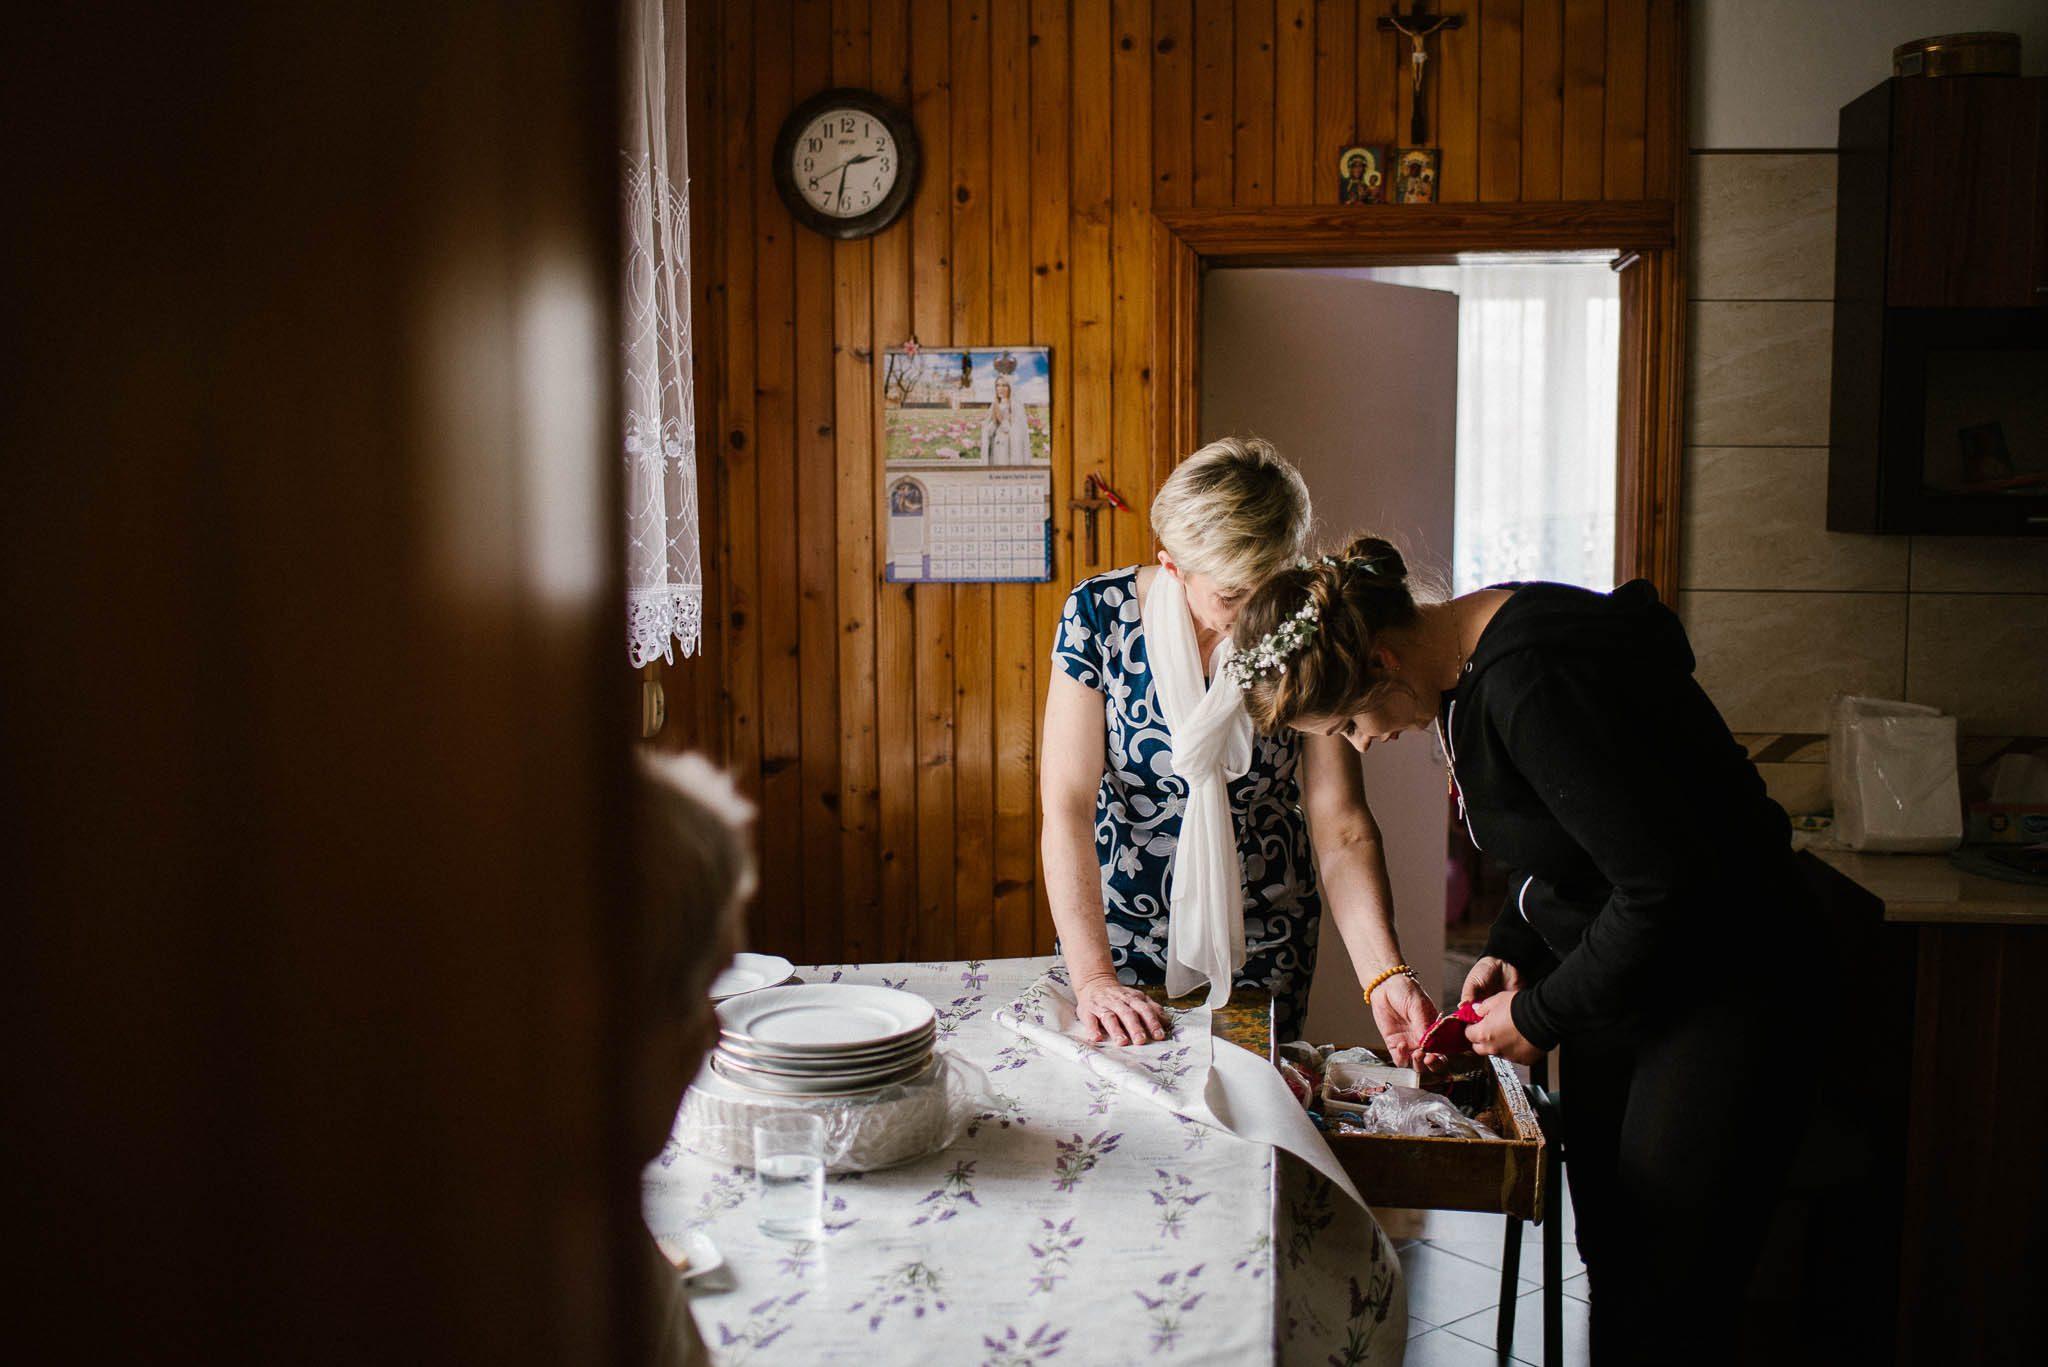 Panna młoda w kuchni z mamą - sesja ślubna reportaż Żuczki Inowrocław